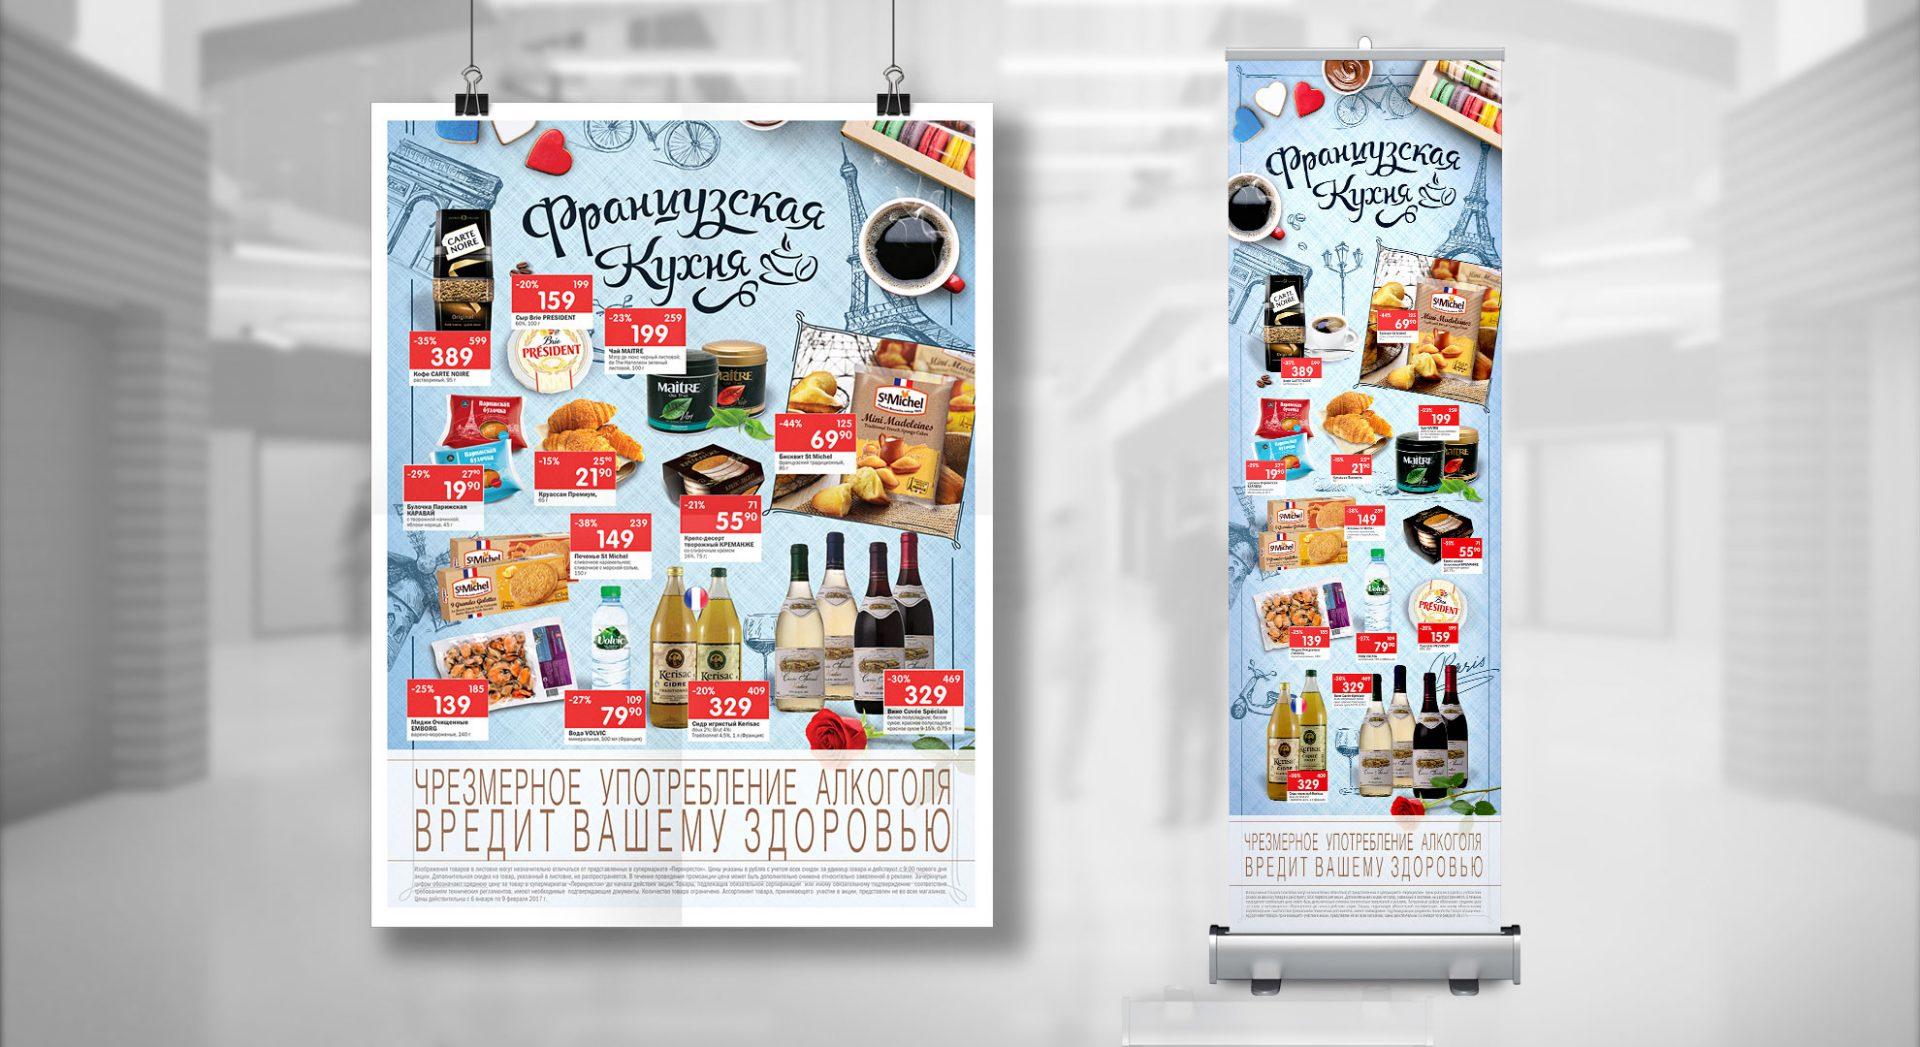 Дизайн каталога и рекламных материалов ВЫГОДНО от Перекресток